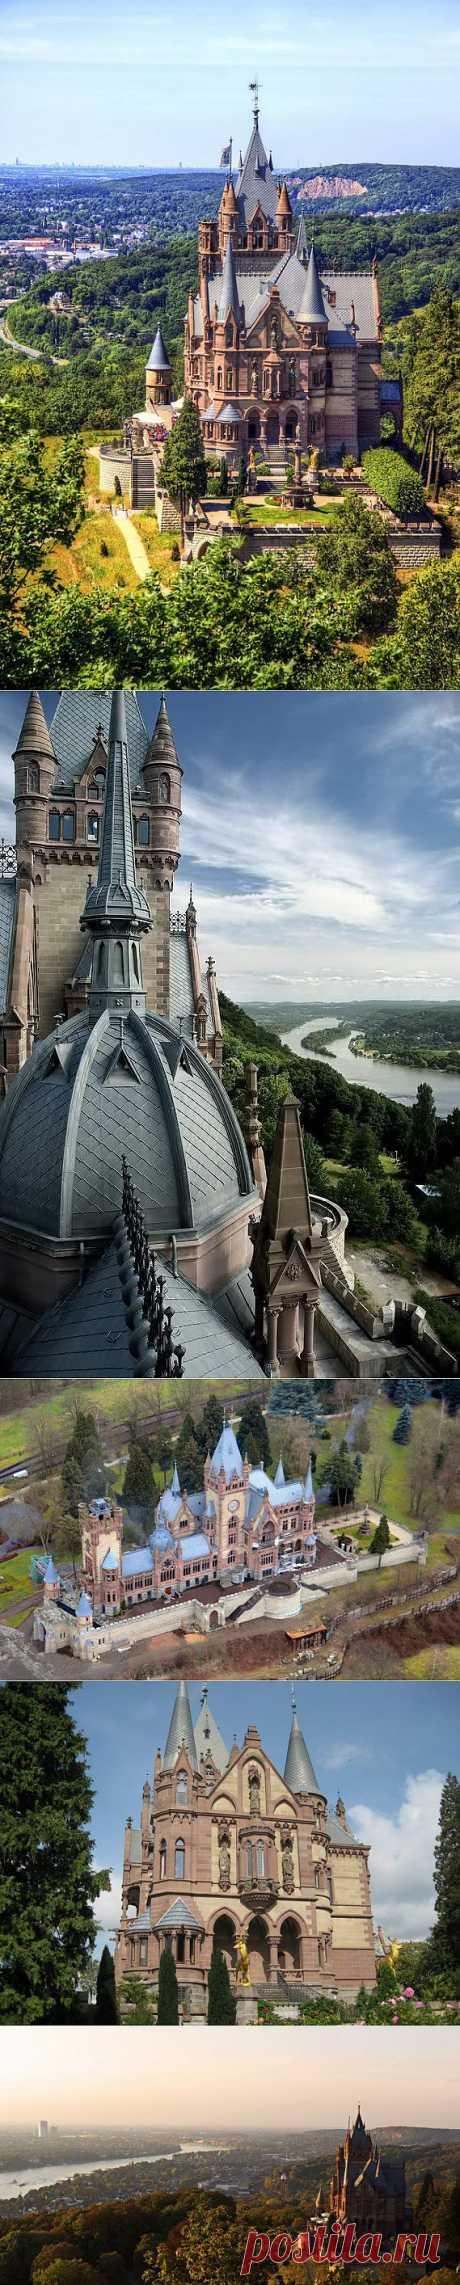 Сказочный замок Драхенбург